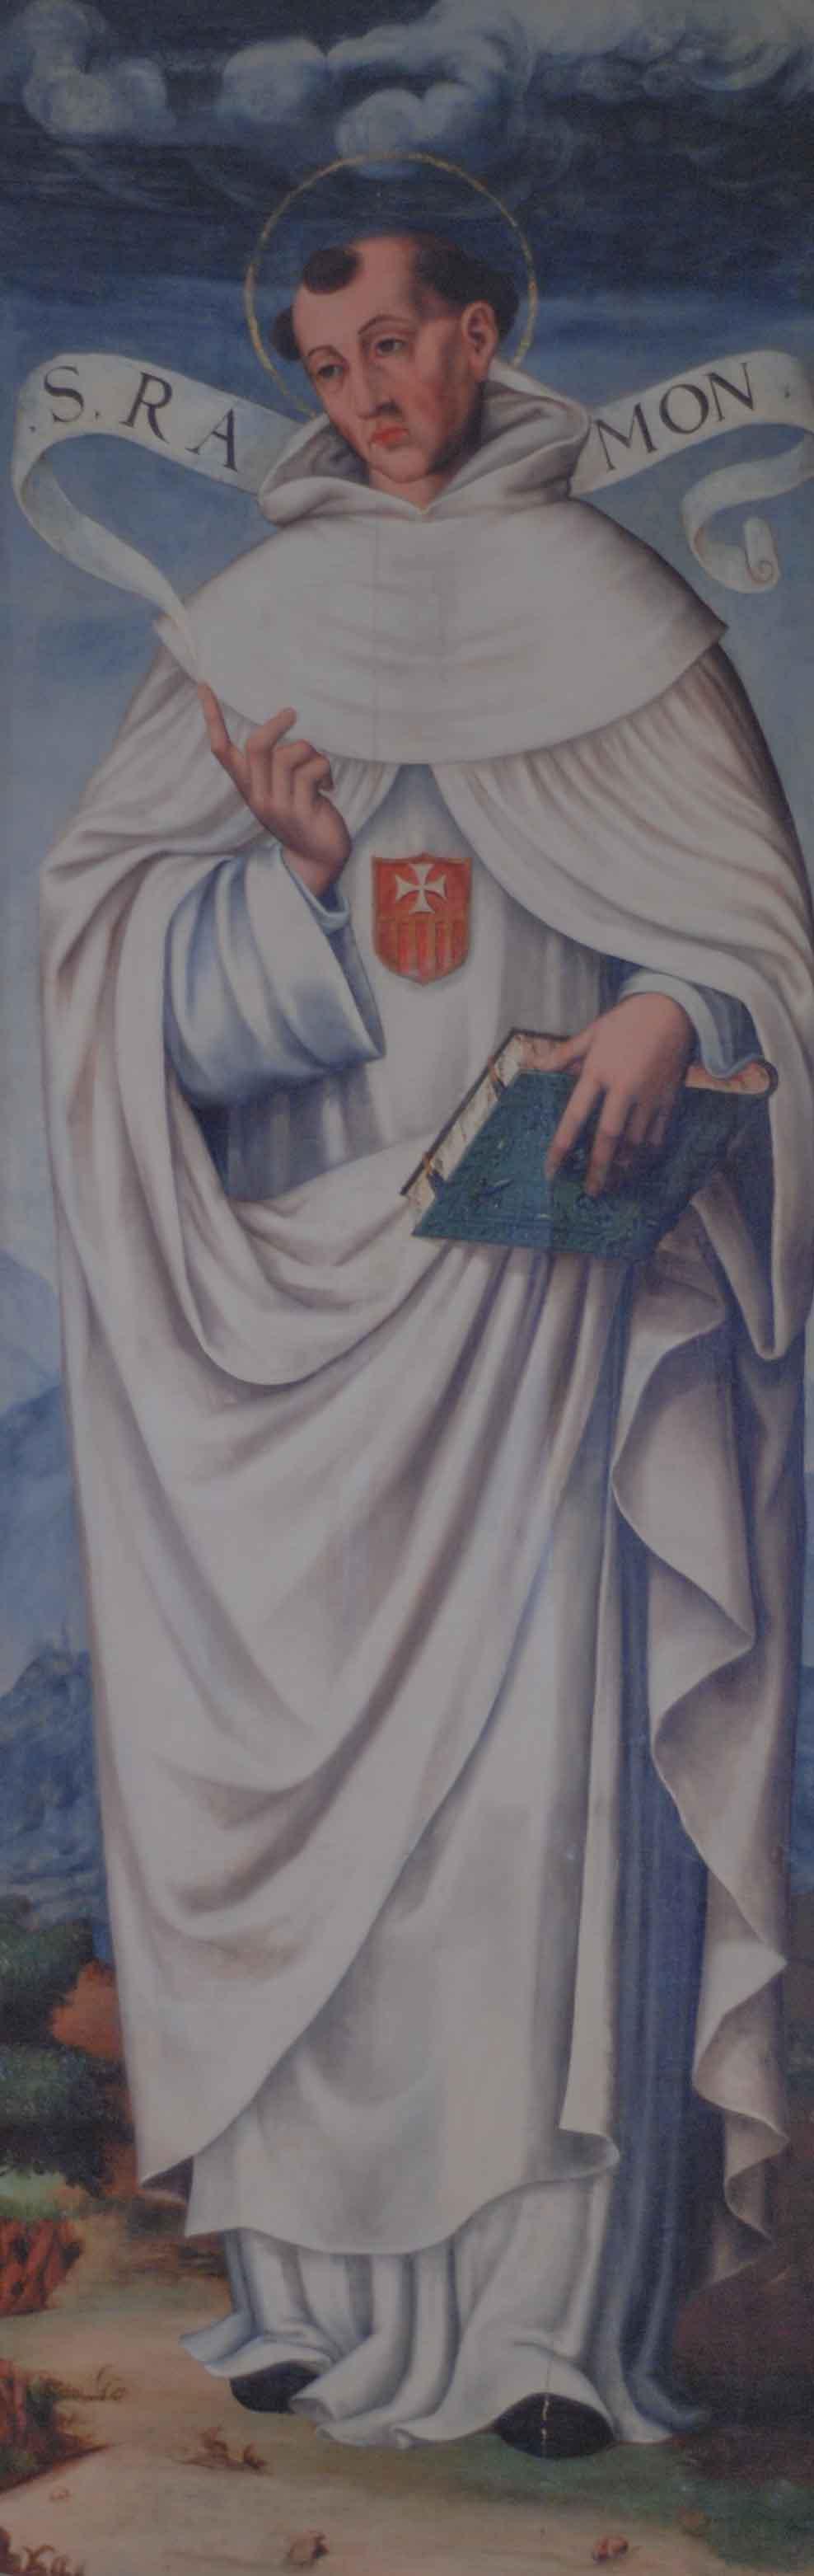 Sacerdote san Ramon